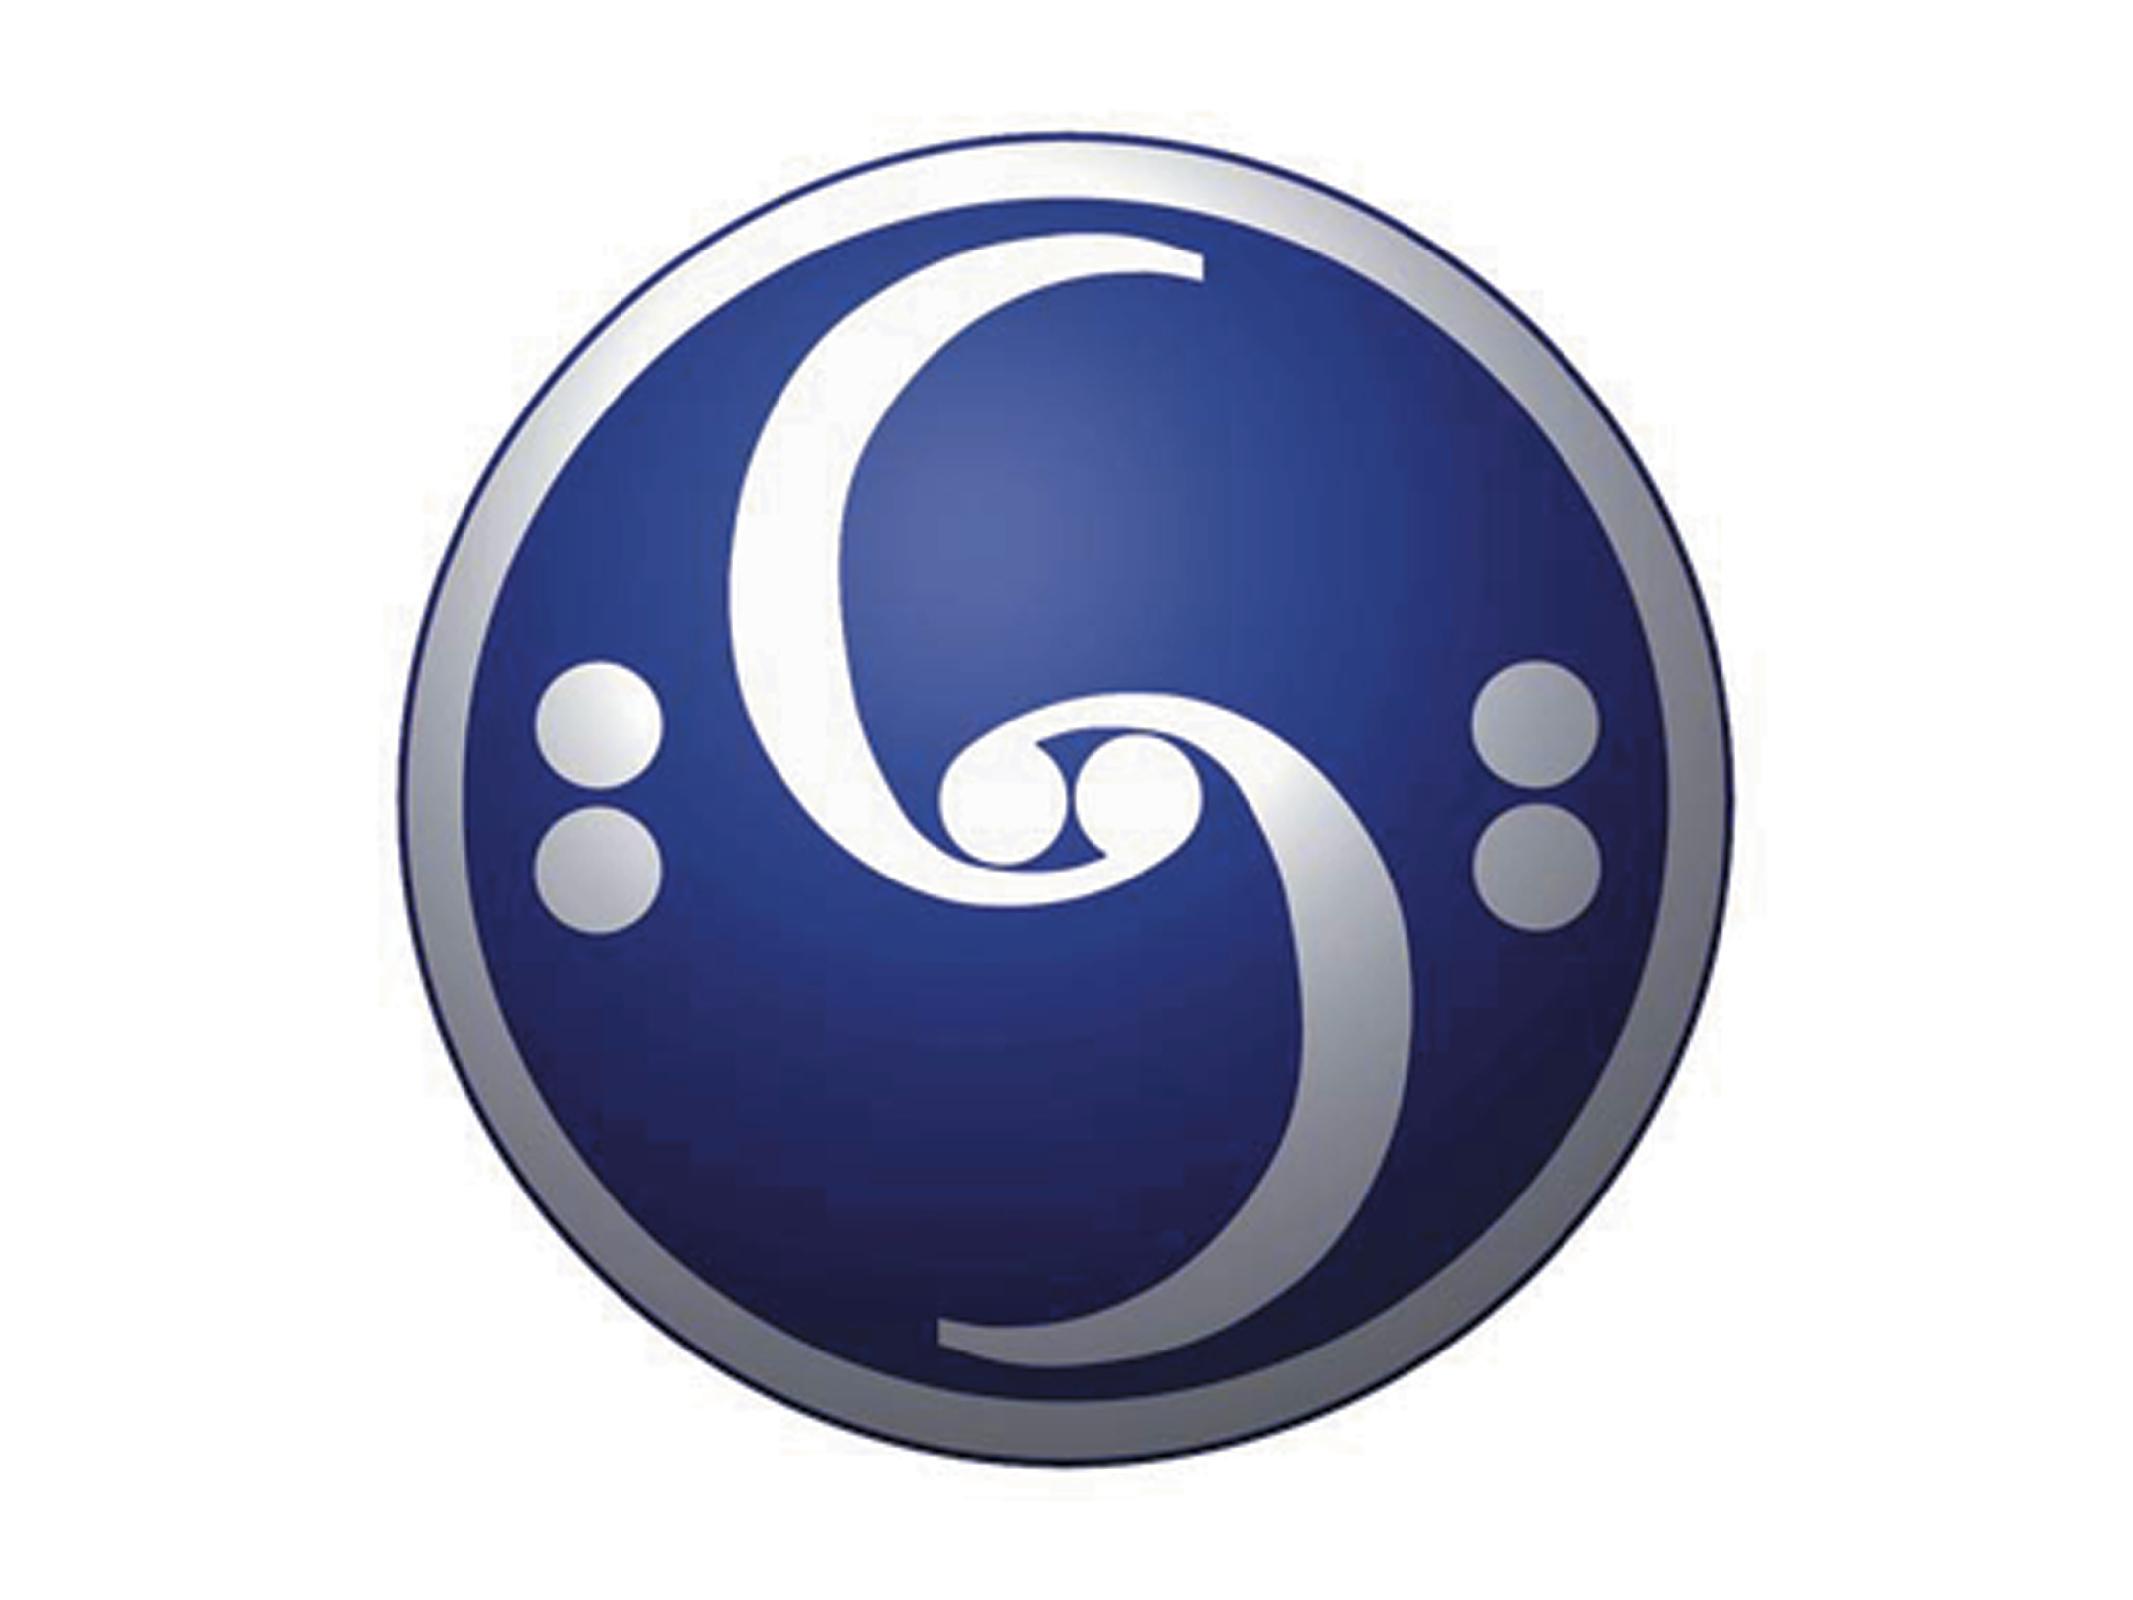 Blueroom logos pics.jpg